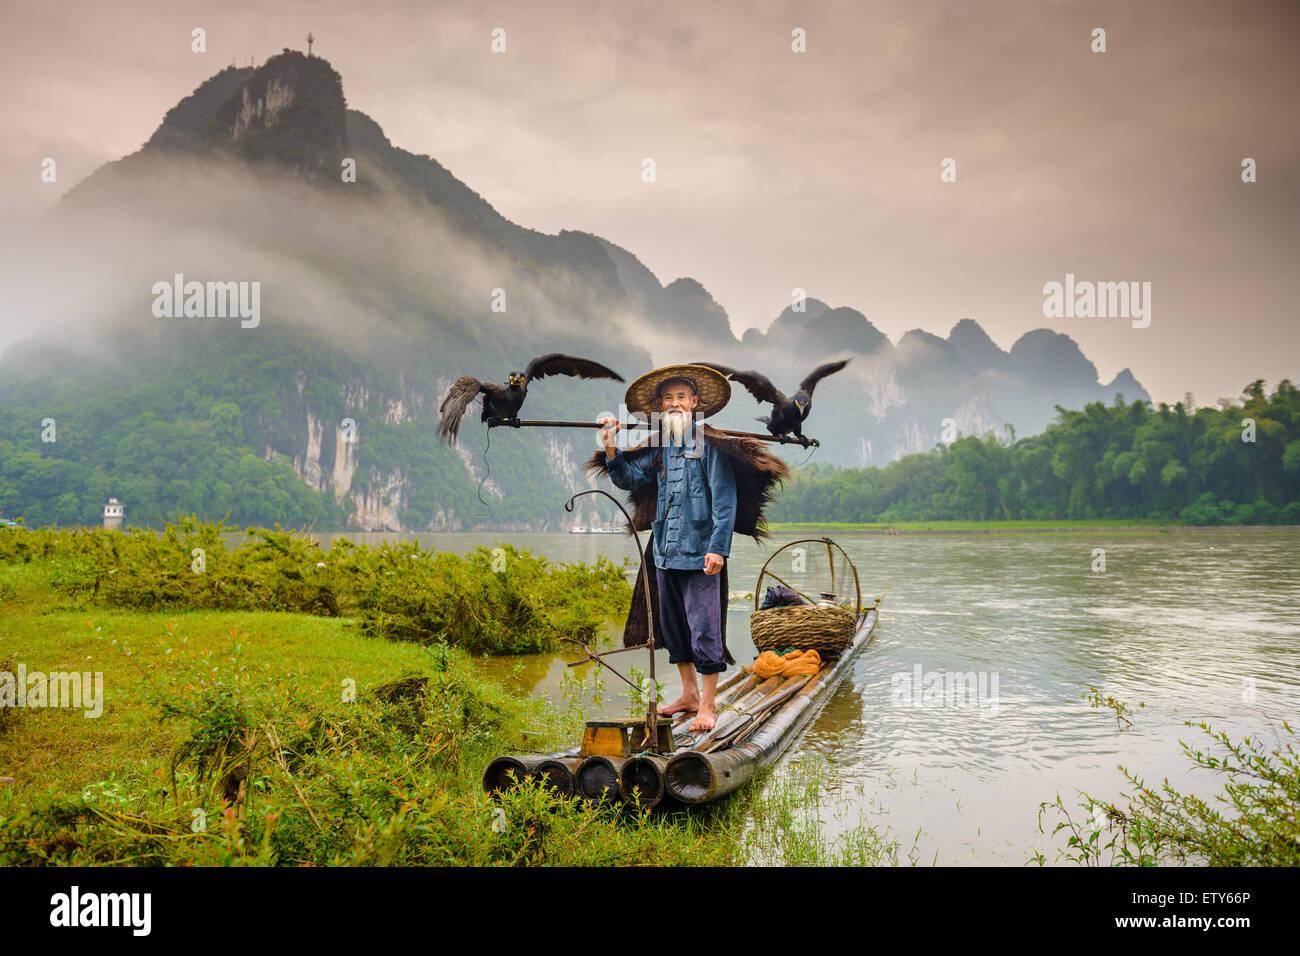 Cormorano pescatore e i suoi uccelli sul fiume Li in Yangshuo, Guangxi, Cina. Immagini Stock